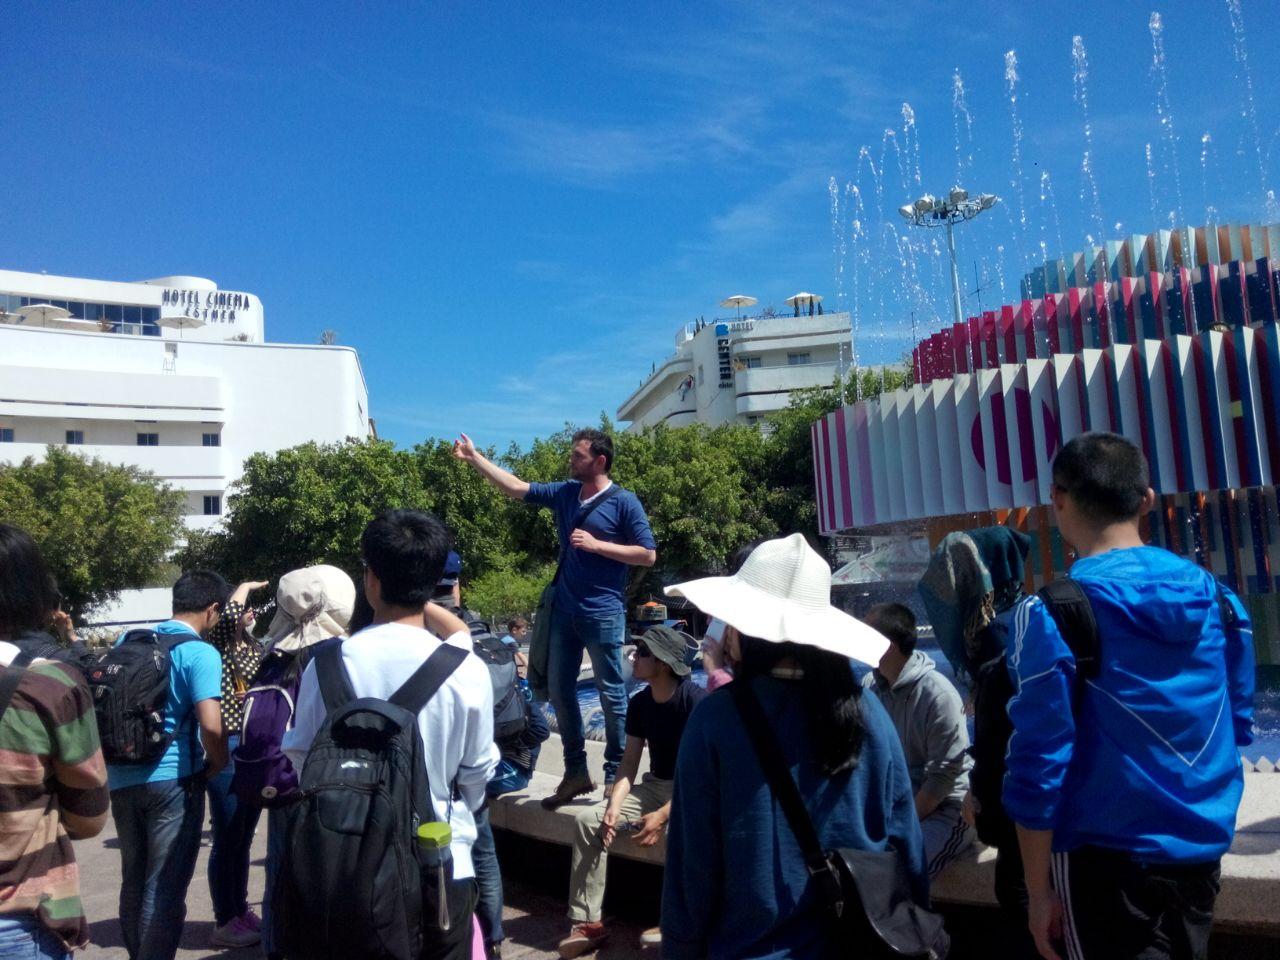 תומר שלוש מדריך קבוצת סטודנטים מסין בסיור בתל אביב